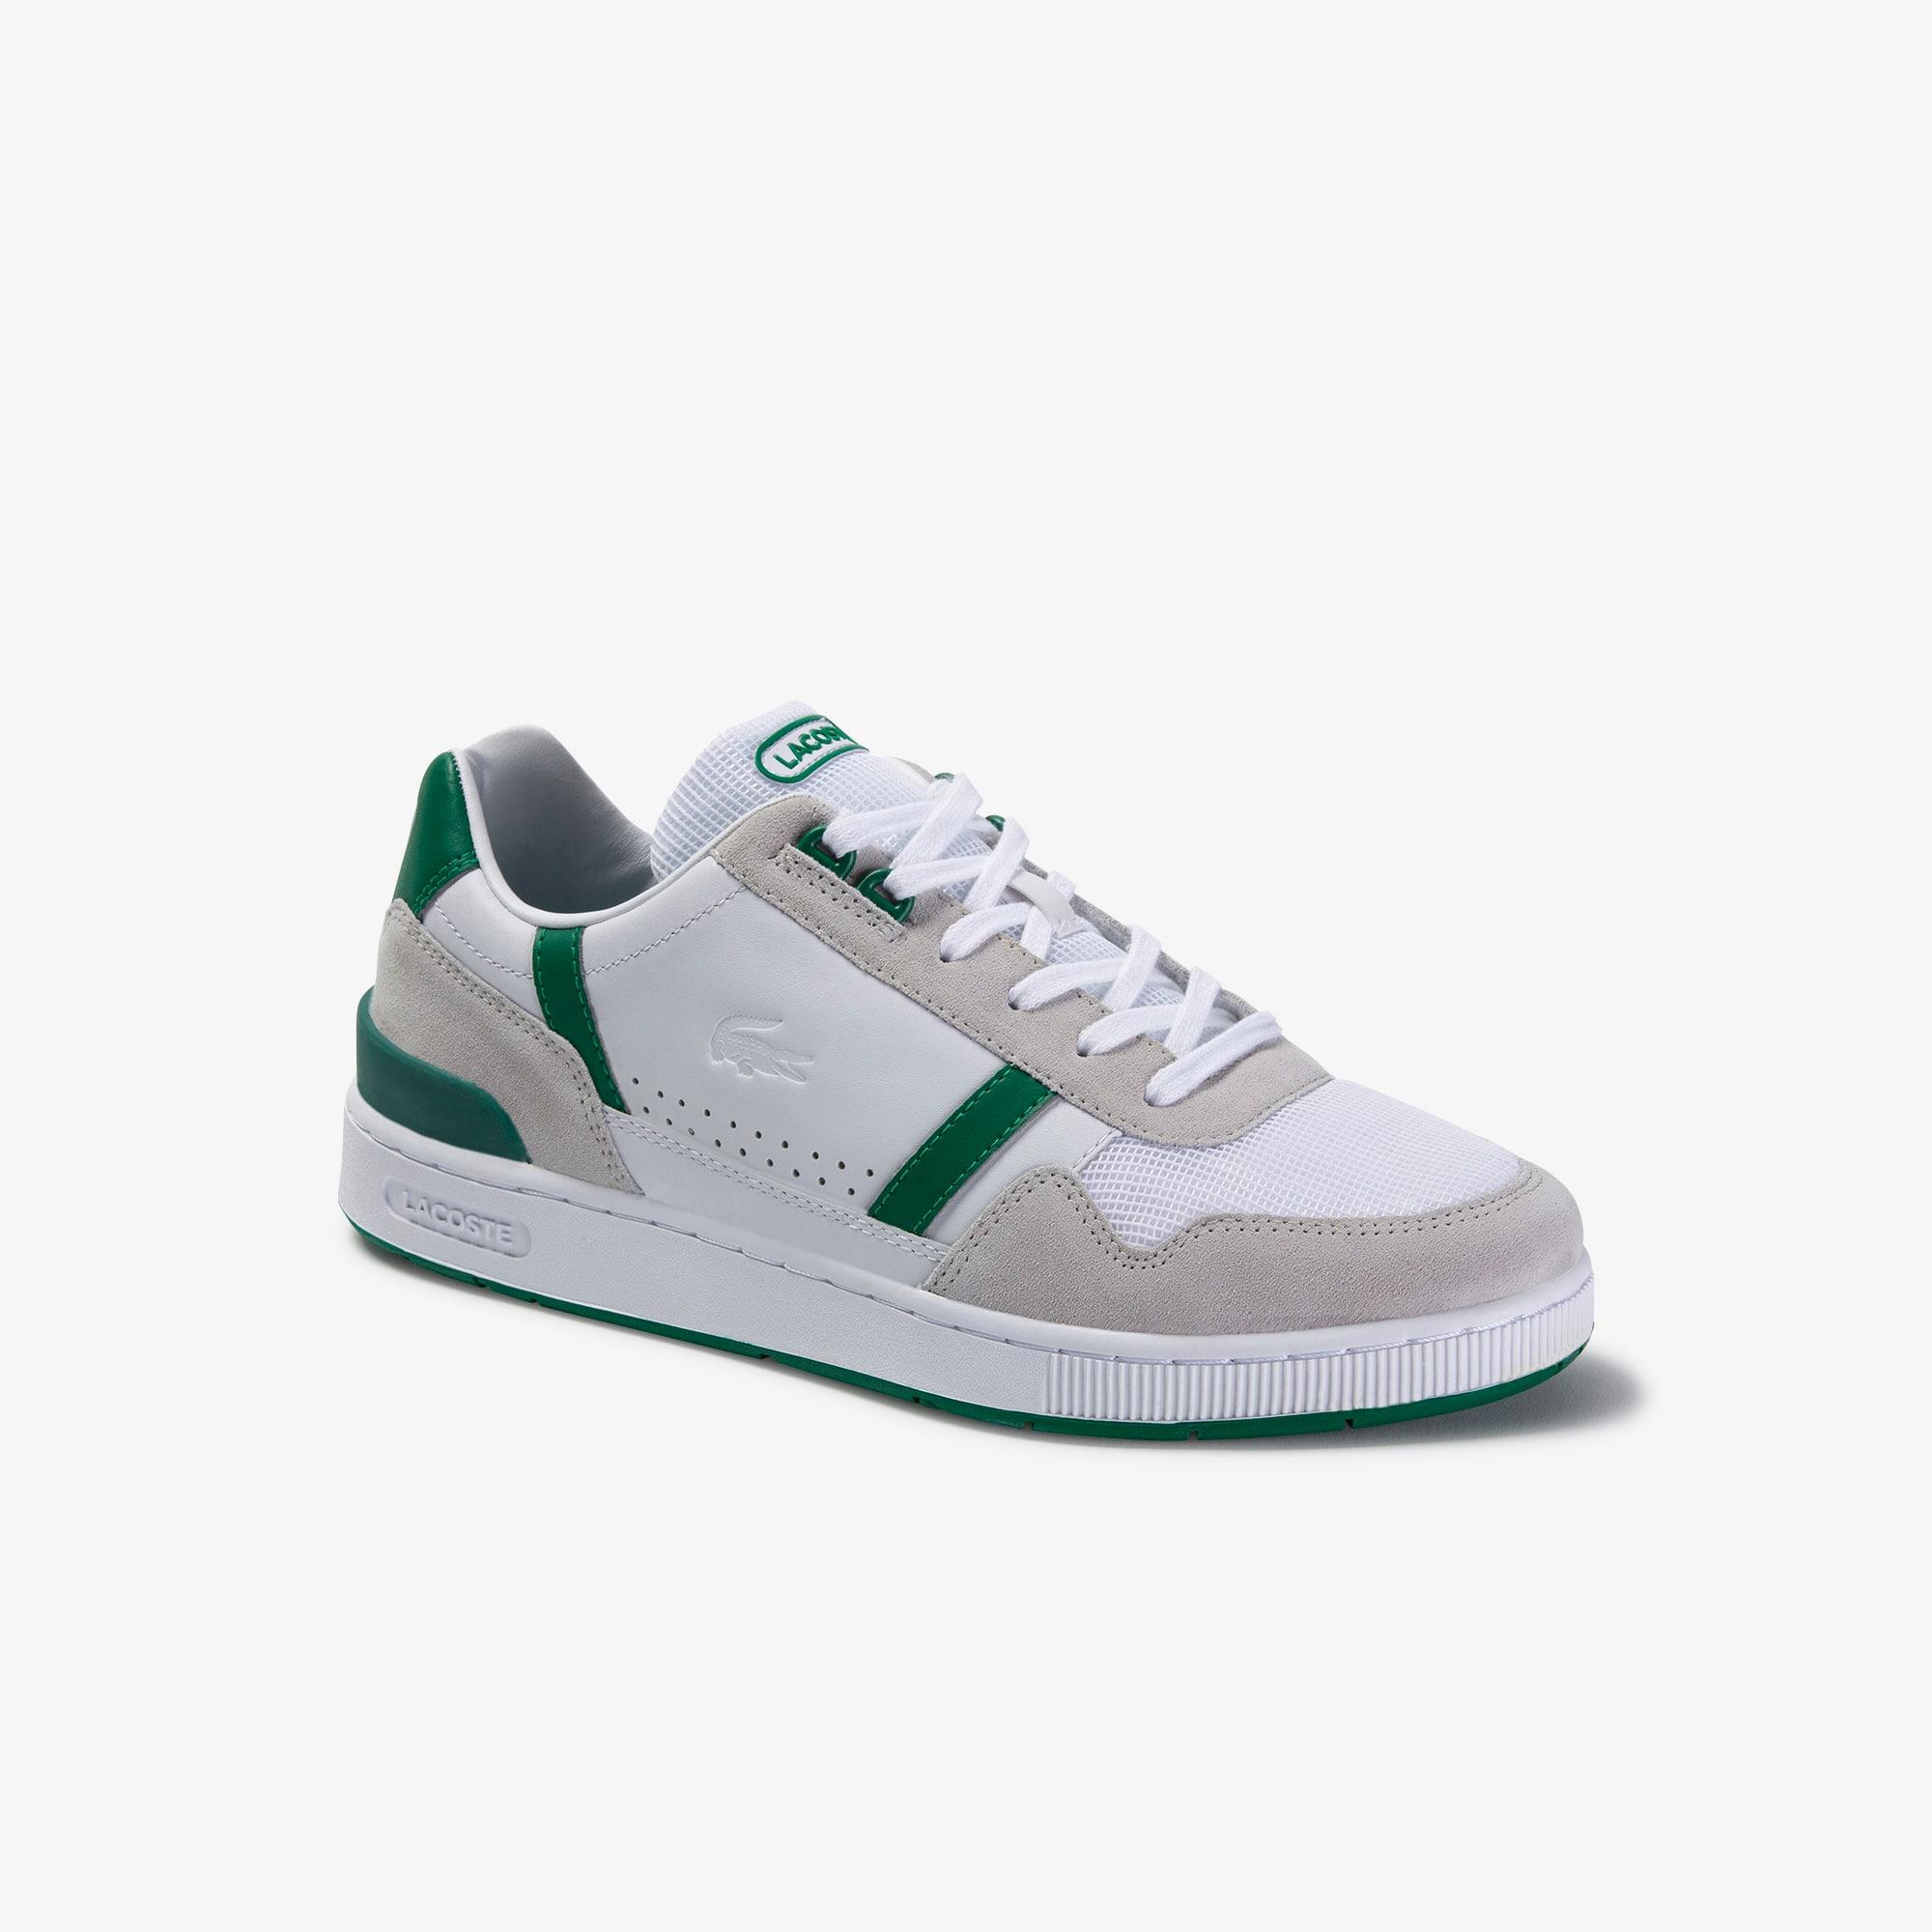 Sneakers for men   Men's shoes   LACOSTE